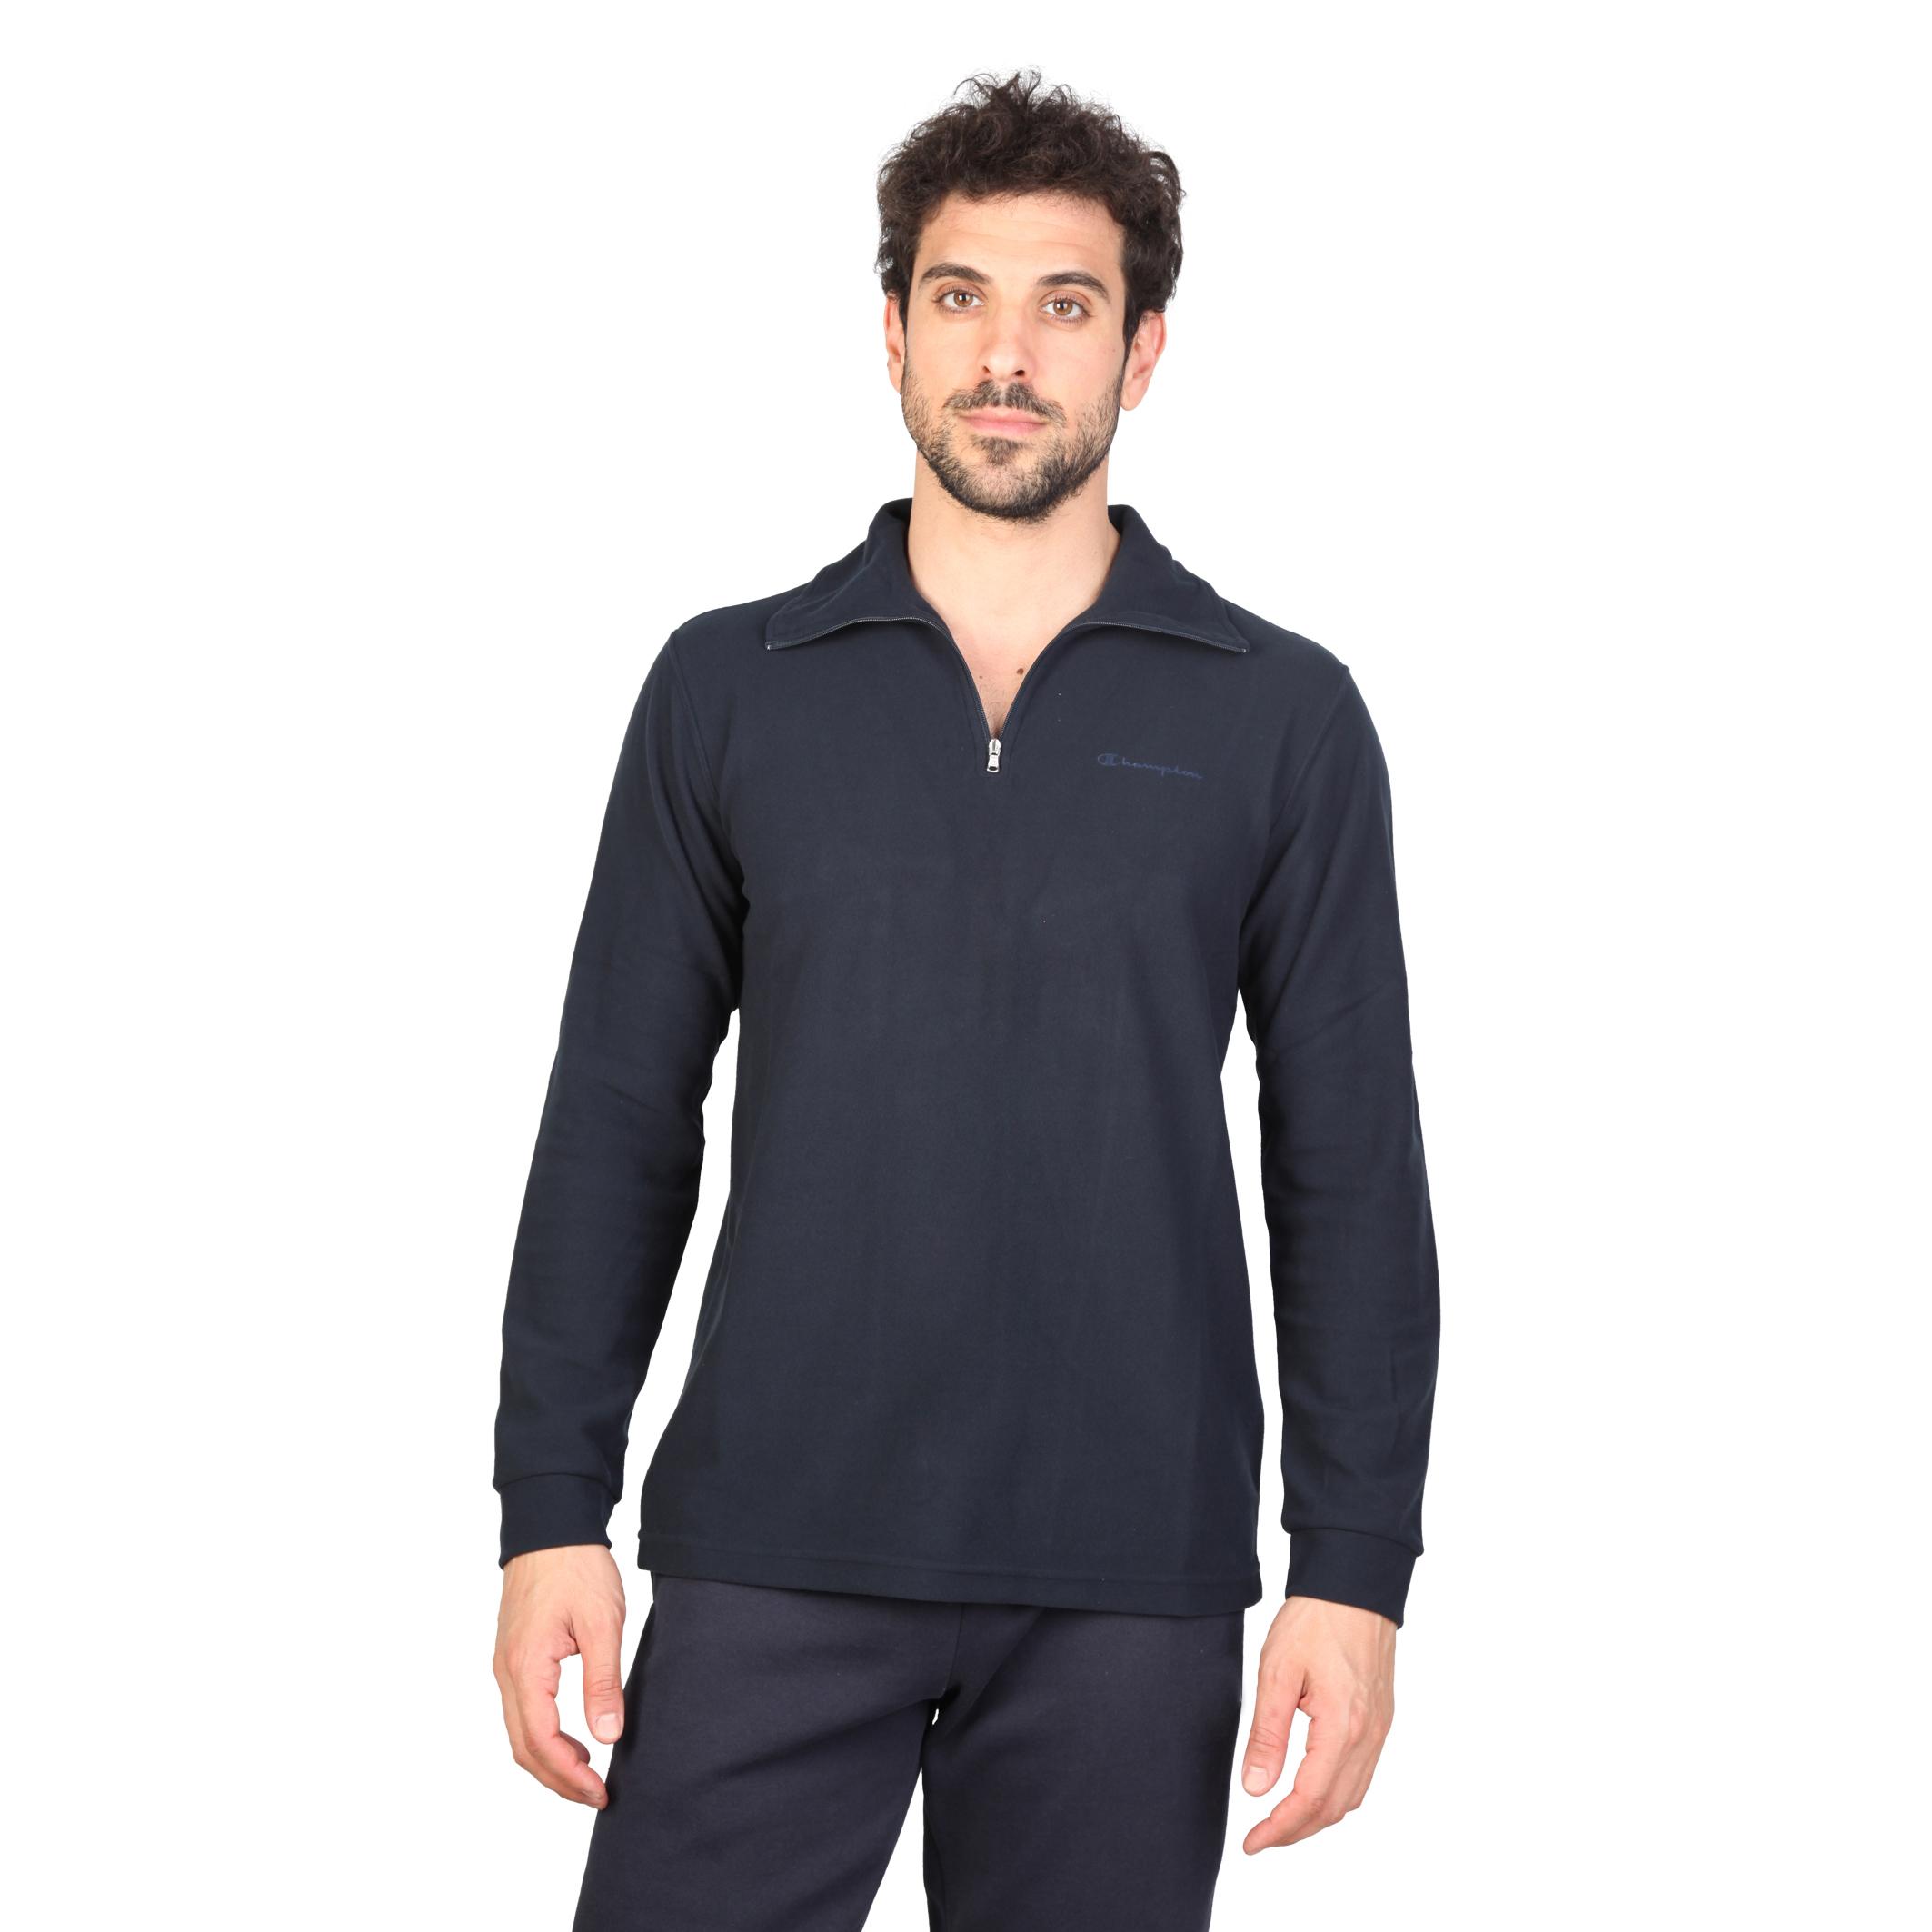 Champion   - Suéter para hombre   - Cierre con cremallera   - 100% poliéster   - Lavar a 30°C